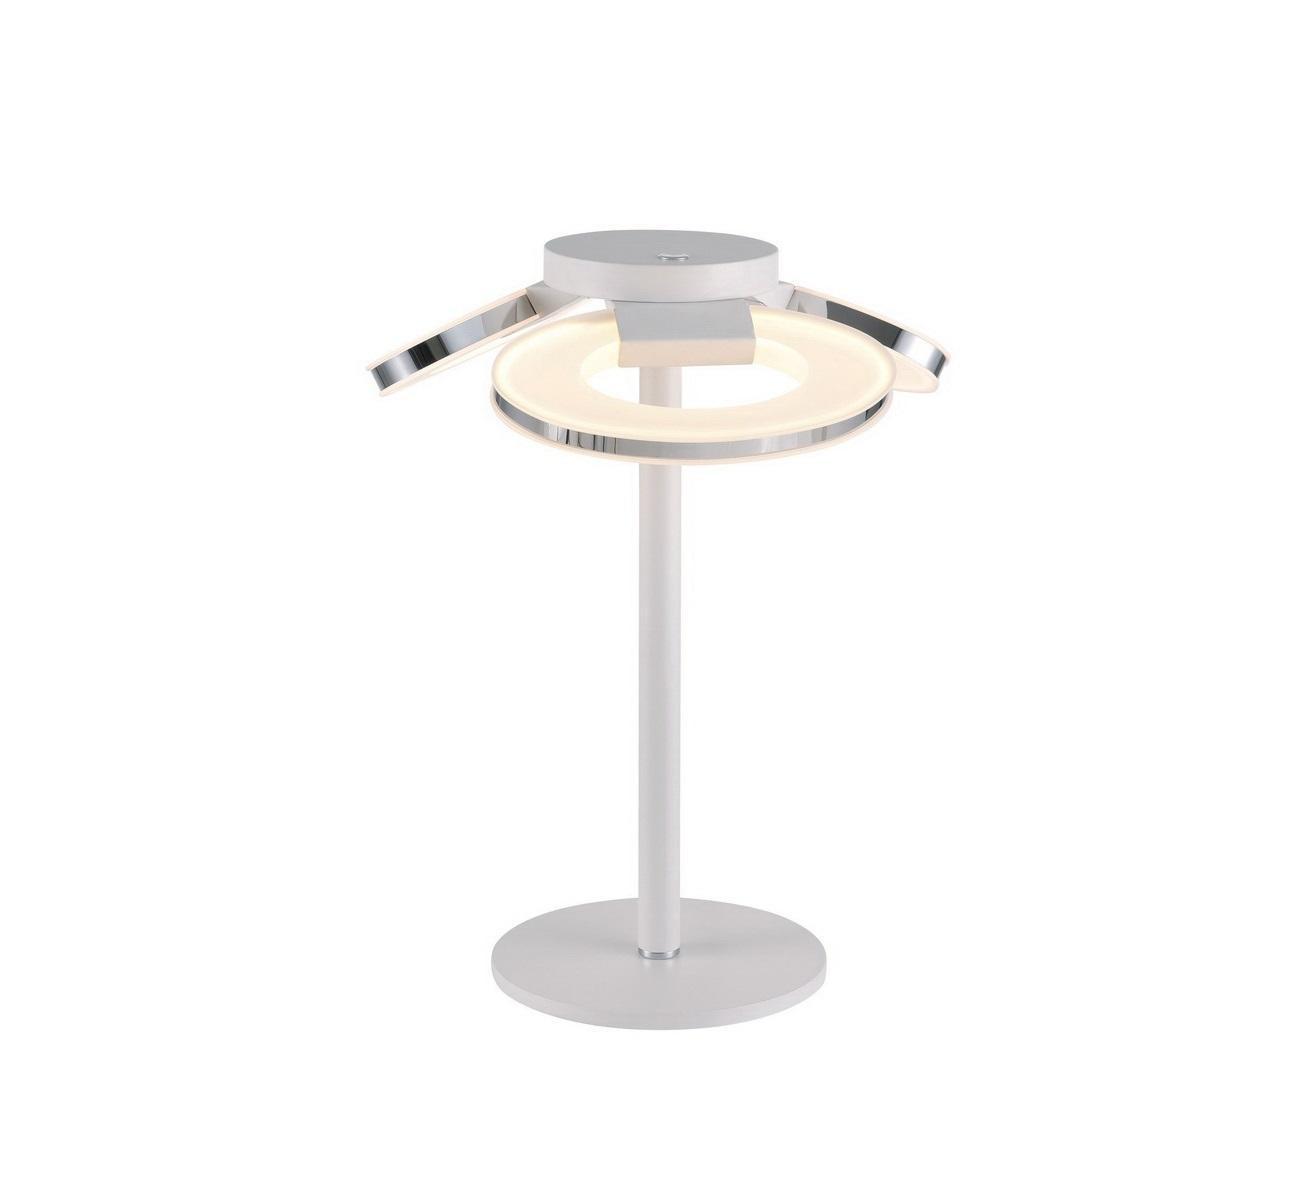 Настольные лампы CeliaДекоративные лампы<br>Настольная светодиодная лампа в стиле Хай-Тек. Лампа со встроенной светодиодной матрицей общей мощностью 48 W (Эквивалент лампы накаливания 312 W). Цветовая температура 4000-4200К. <br>Лампа поставляется в разобранном виде и имеет в комплекте все необходимые для монтажа крепежные элементы.&amp;lt;div&amp;gt;&amp;lt;br&amp;gt;&amp;lt;/div&amp;gt;&amp;lt;div&amp;gt;&amp;lt;div&amp;gt;Цоколь: LED&amp;lt;/div&amp;gt;&amp;lt;div&amp;gt;Мощность лампы: 48W&amp;lt;/div&amp;gt;&amp;lt;div&amp;gt;Количество ламп: 3&amp;lt;/div&amp;gt;&amp;lt;/div&amp;gt;<br><br>Material: Металл<br>Height см: 44<br>Diameter см: 35